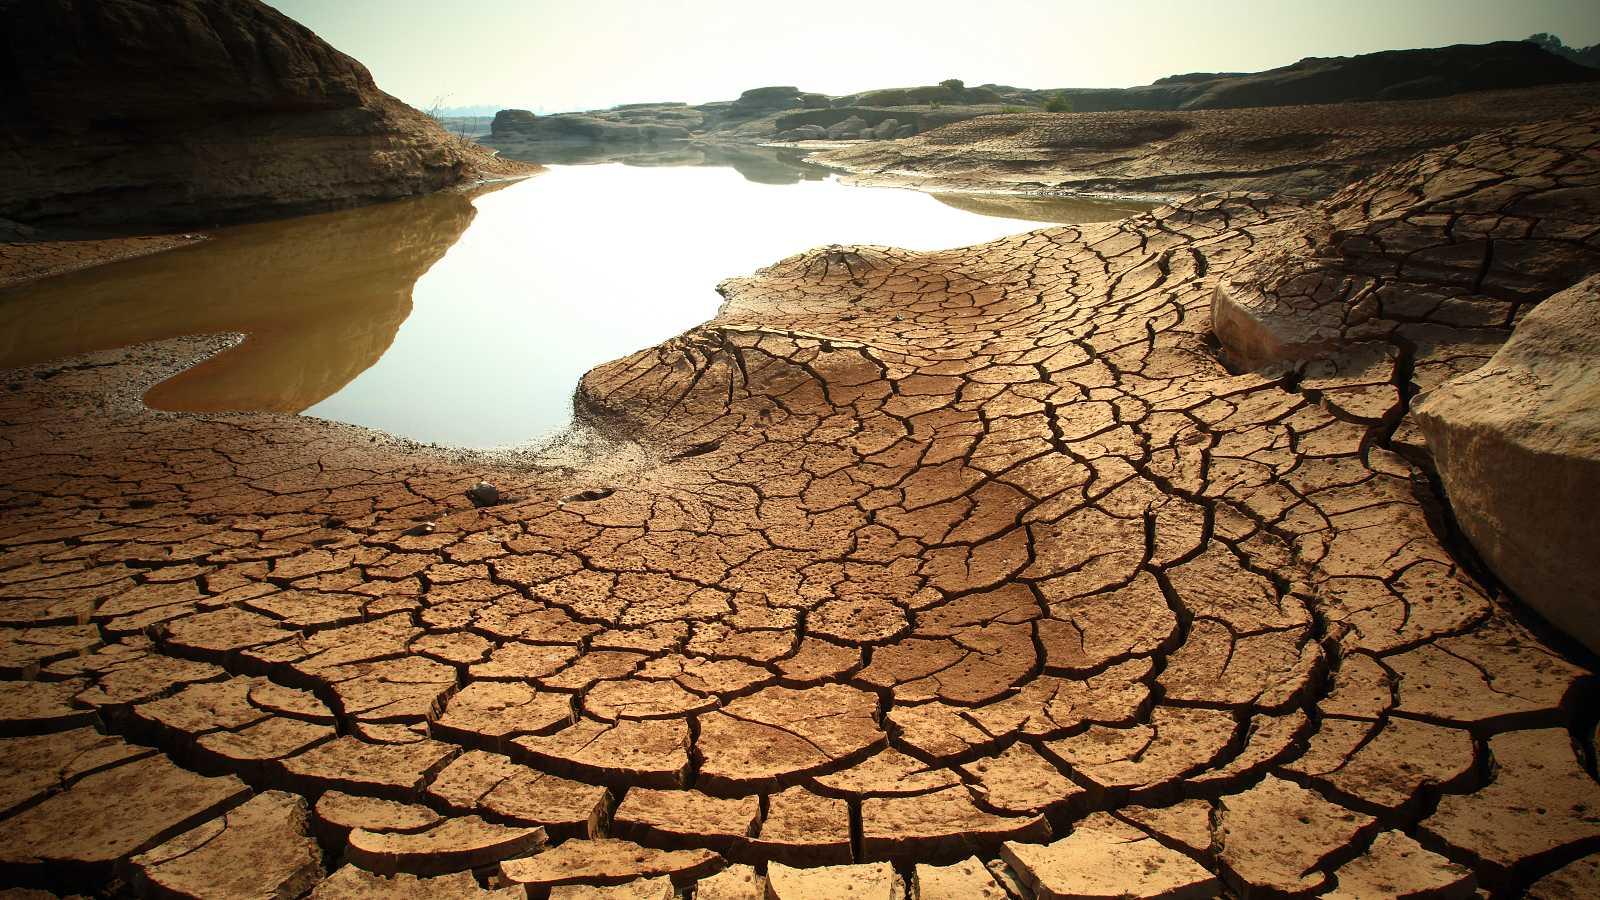 La aridez extrema dañará ecosistemas donde viven 2.000 millones de personas